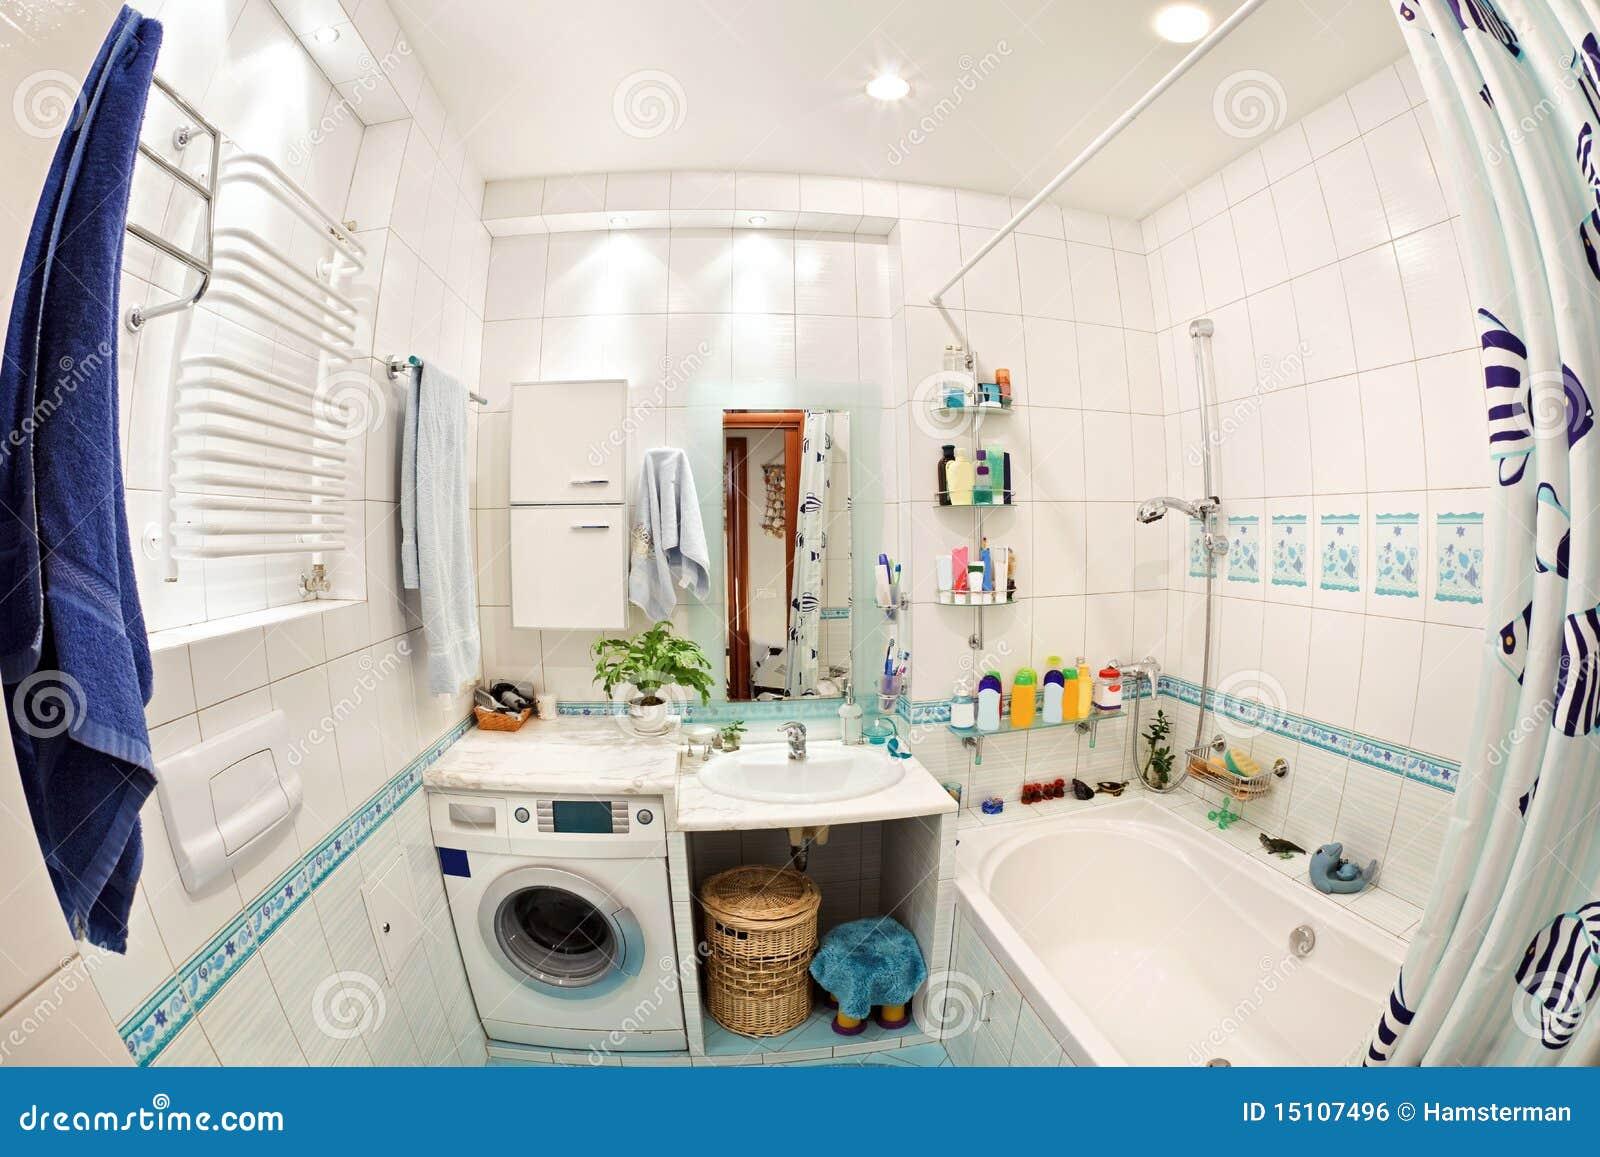 #323C6F Banheiro Pequeno Moderno Em Cores Azuis Imagem de Stock Royalty Free  1300x957 px Banheiro Pequeno Moderno 2277